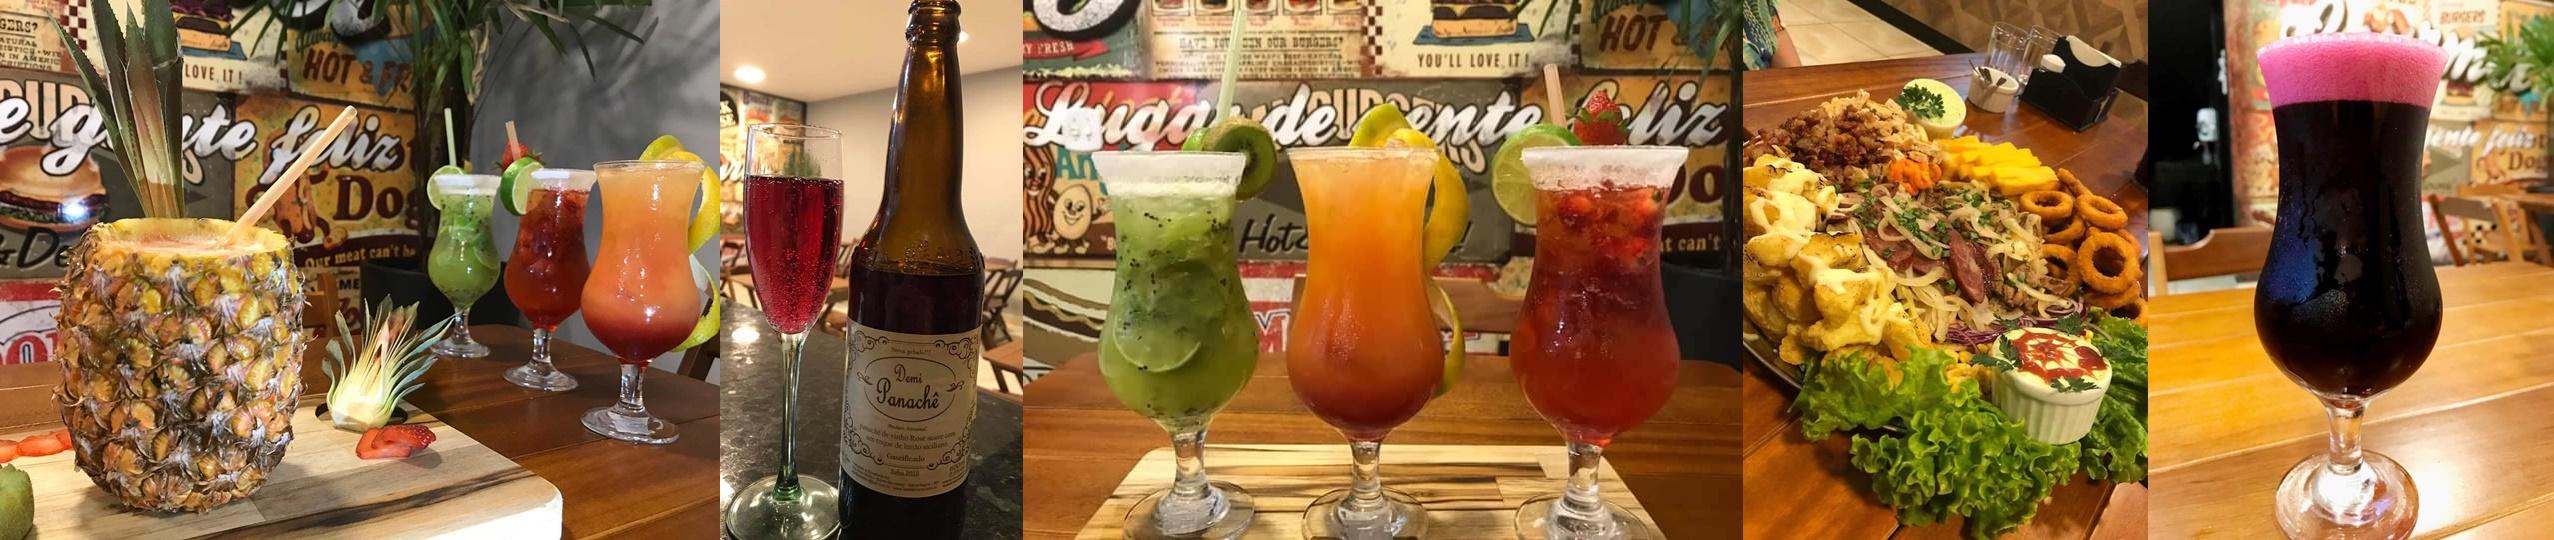 Snack House tem drinks com ou sem álccol e os mais variados chopps